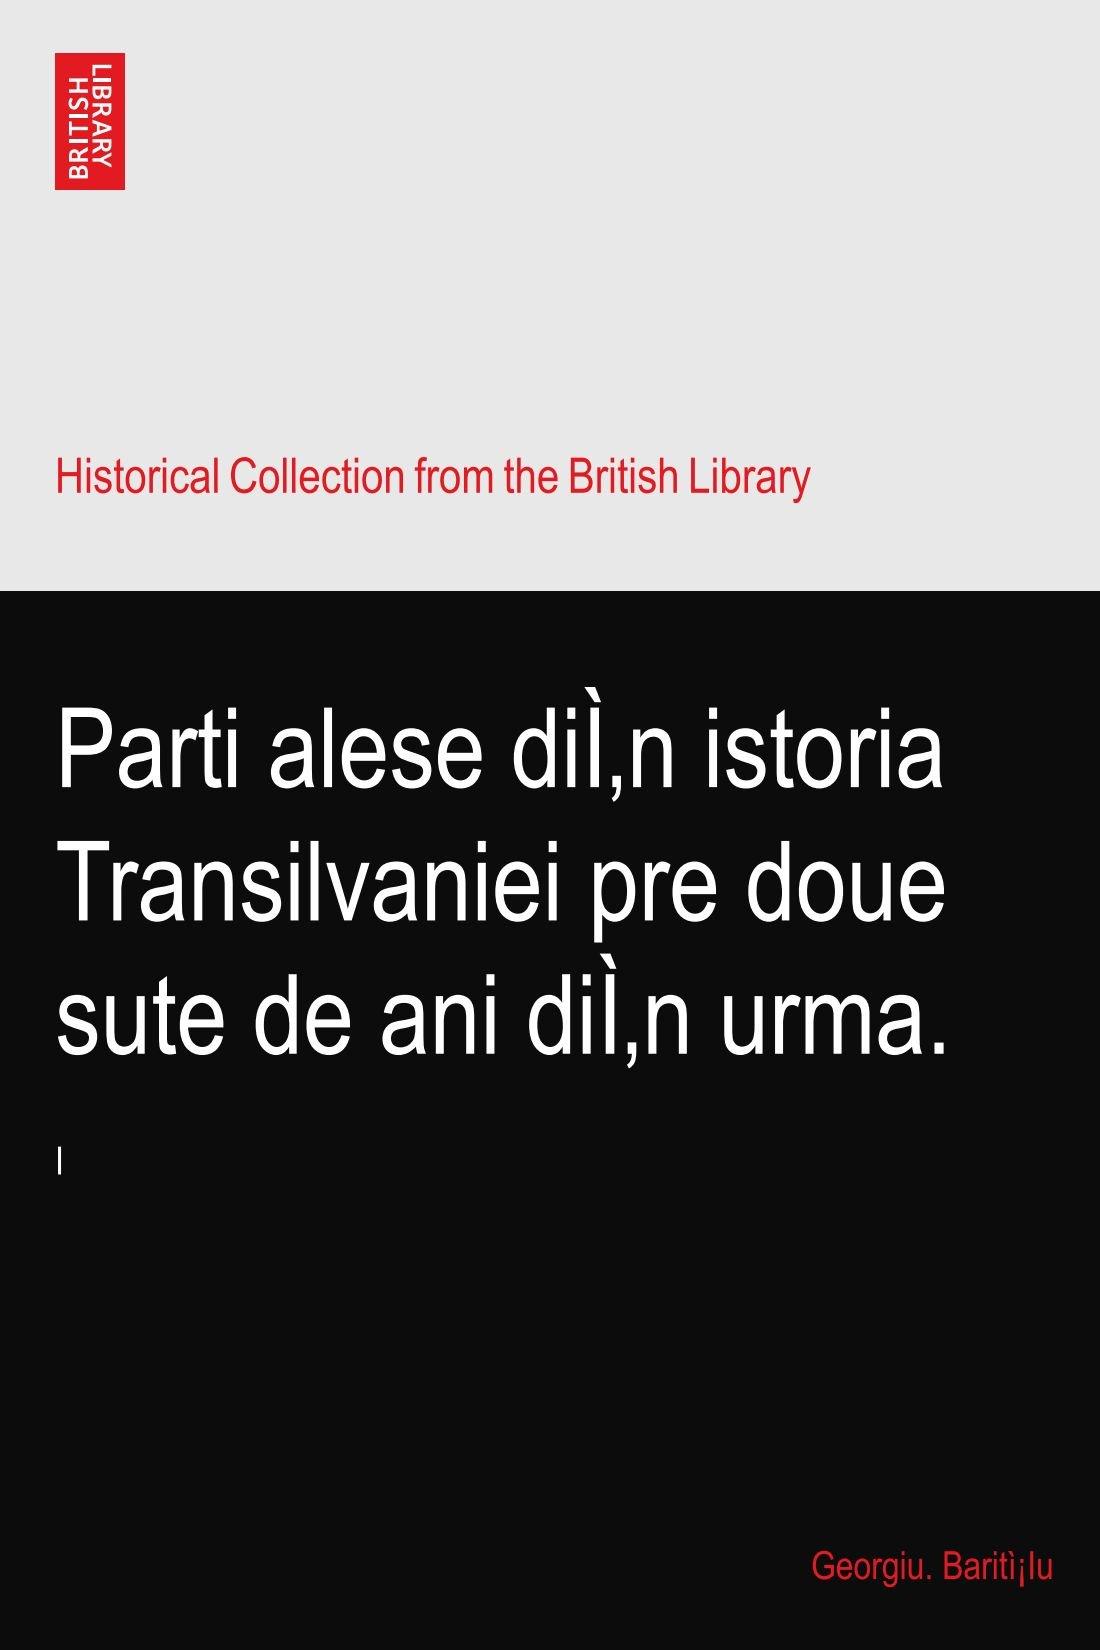 Parti alese dîn istoria Transilvaniei pre doue sute de ani dîn urma.